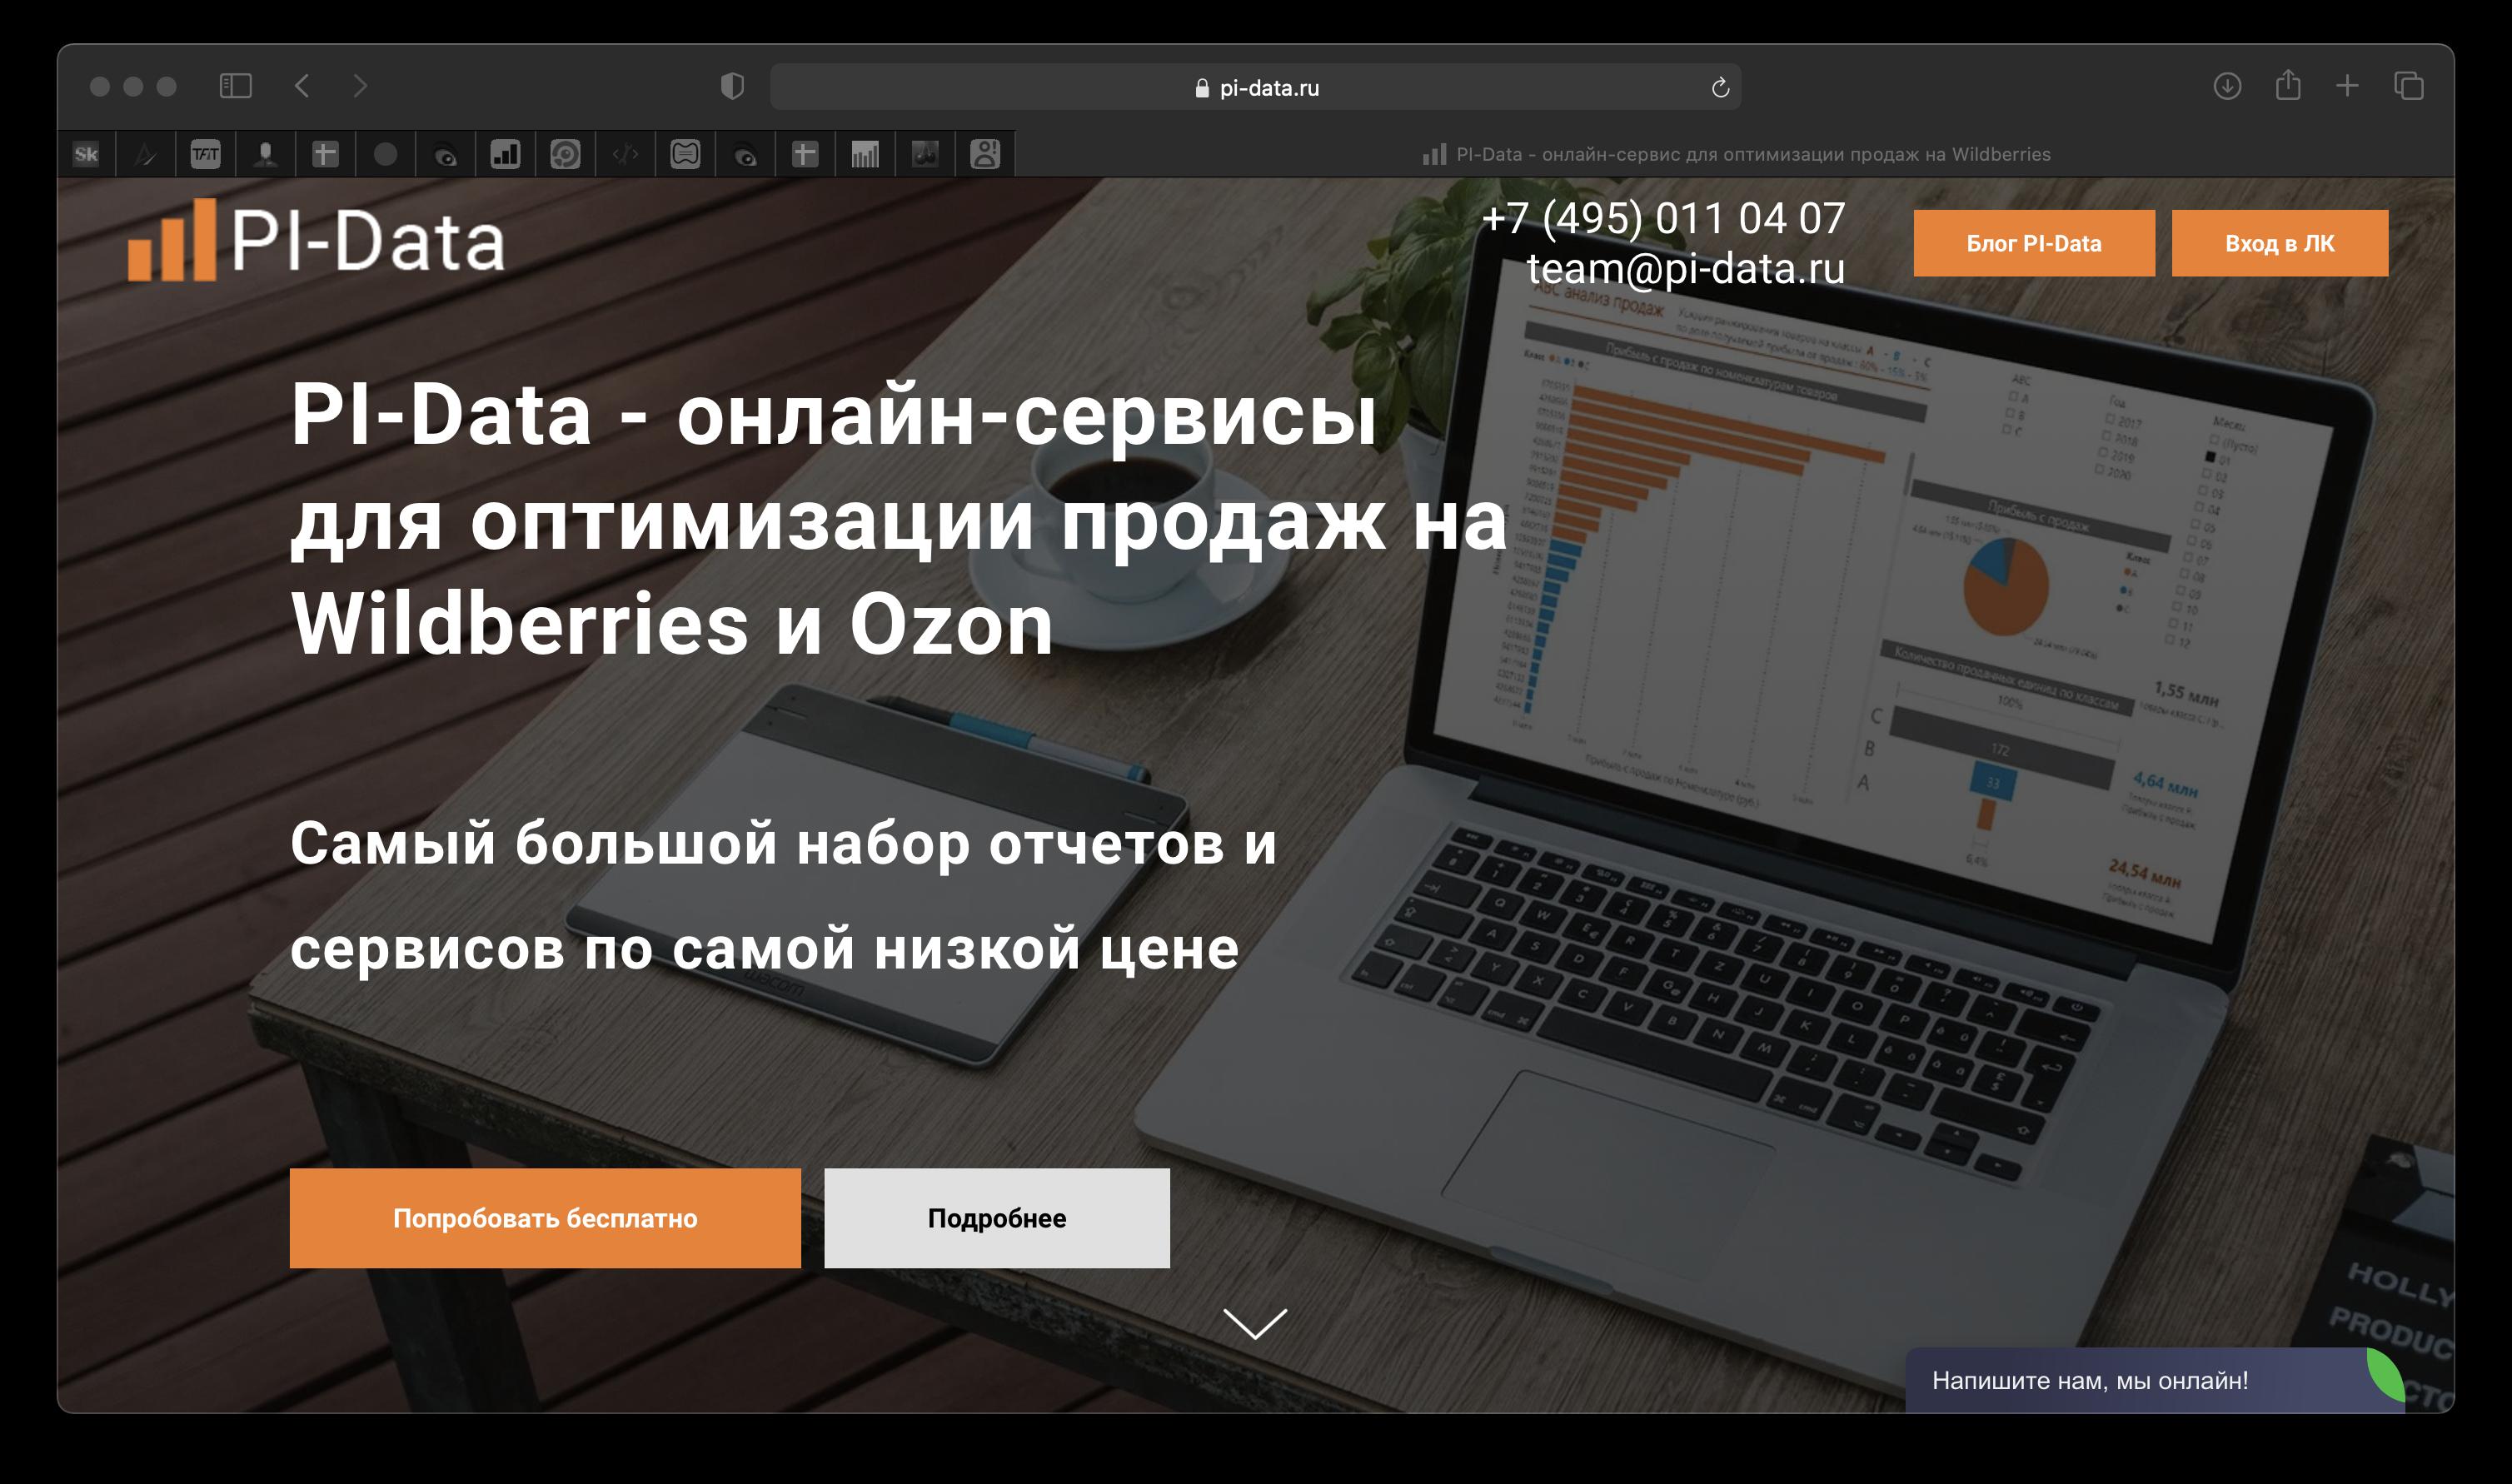 онлайн сервис для оптимизации продаж на вайлдберриз